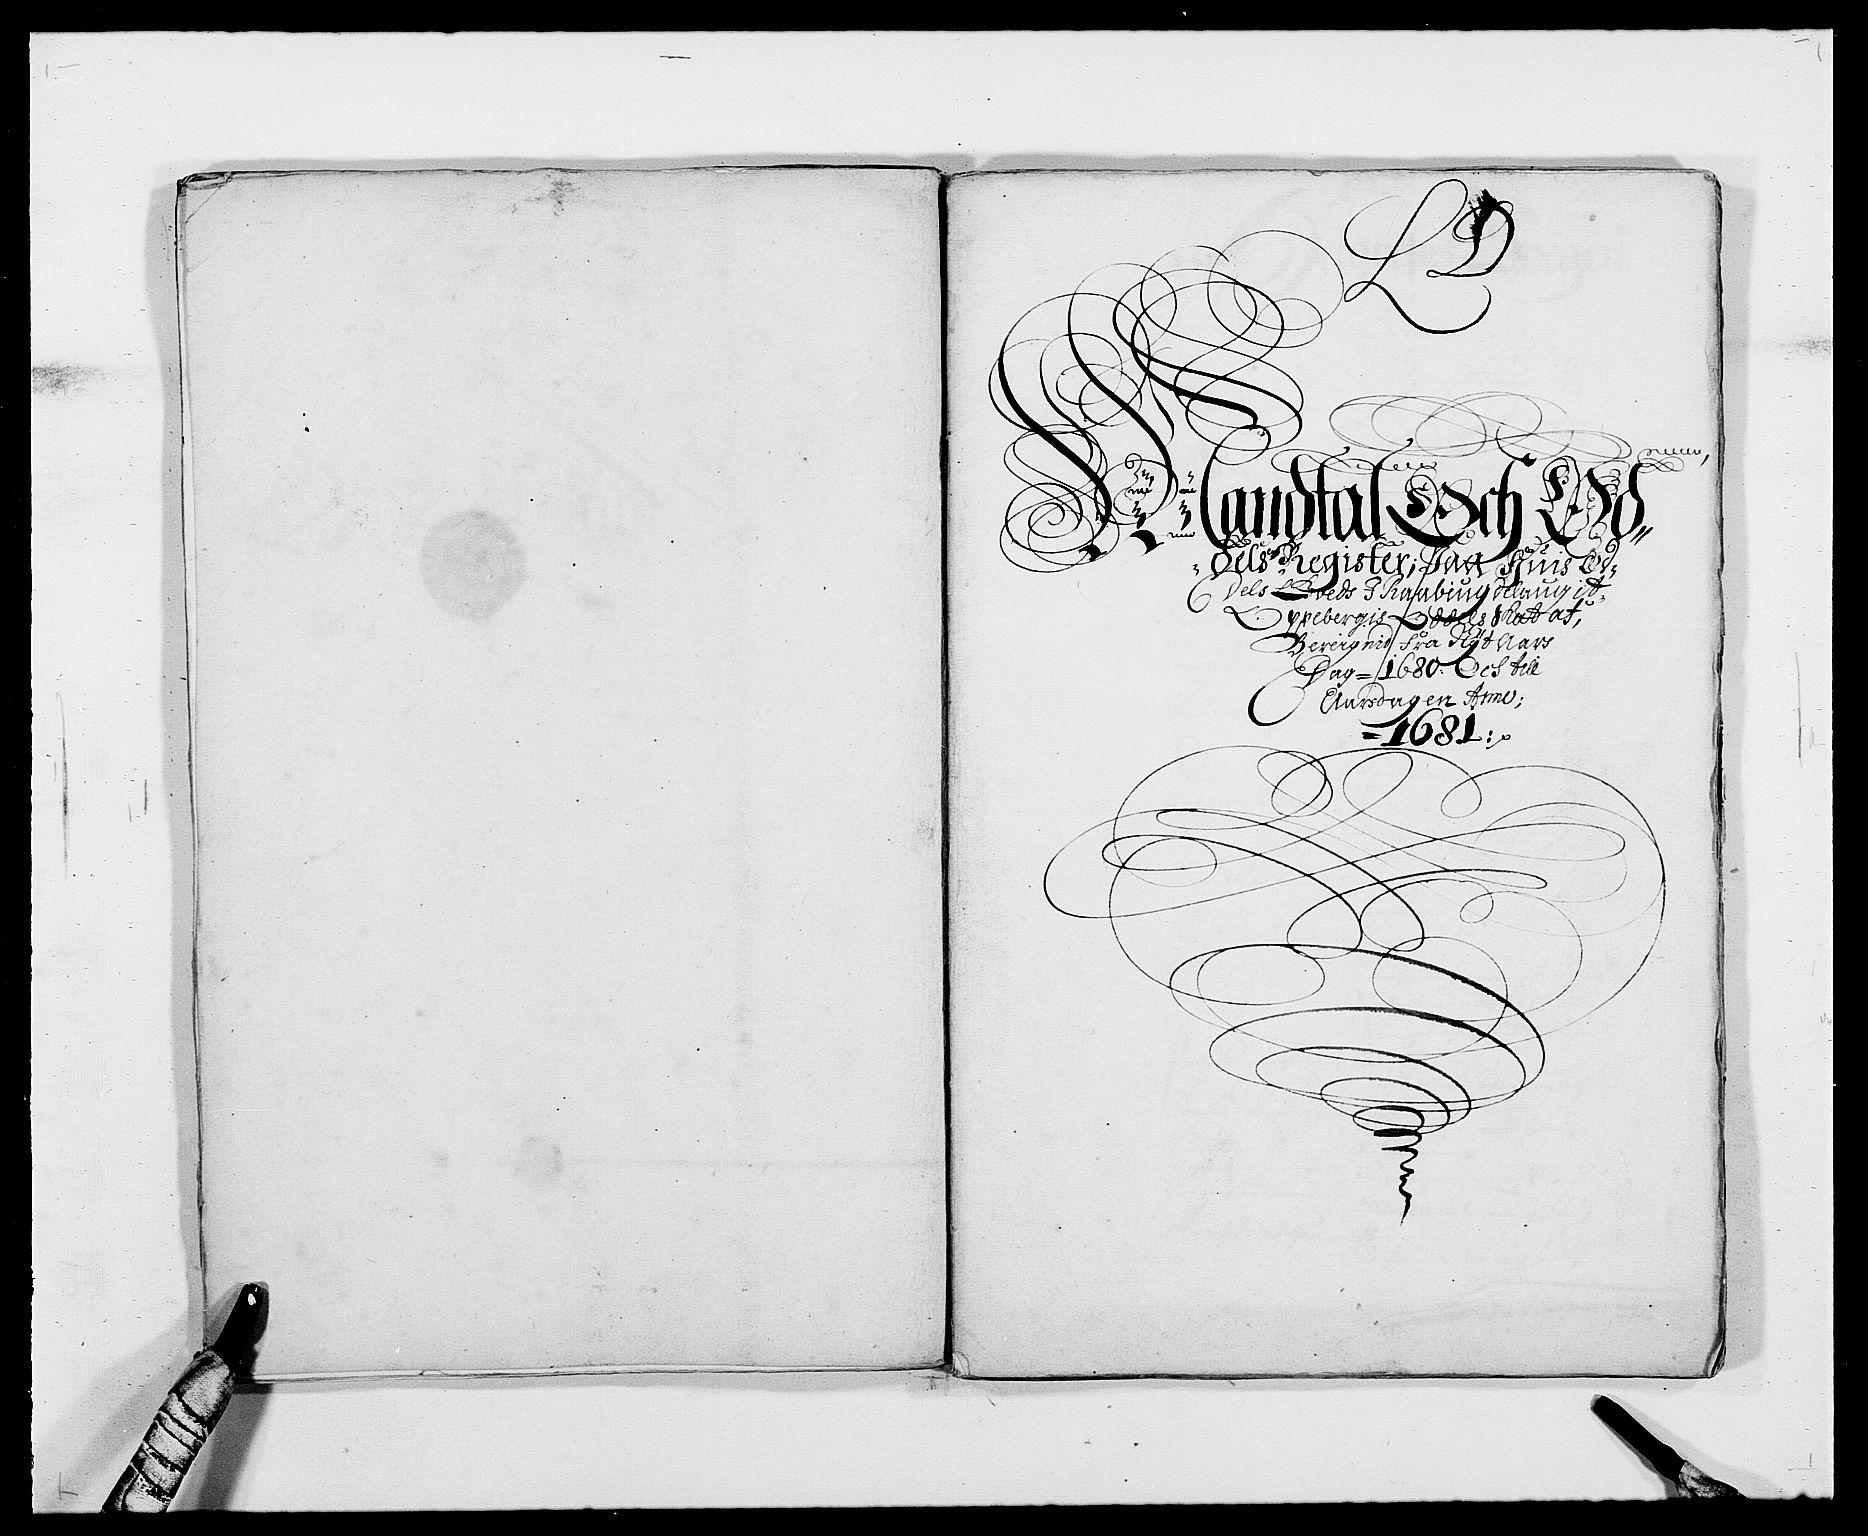 RA, Rentekammeret inntil 1814, Reviderte regnskaper, Fogderegnskap, R40/L2436: Fogderegnskap Råbyggelag, 1679-1680, s. 235